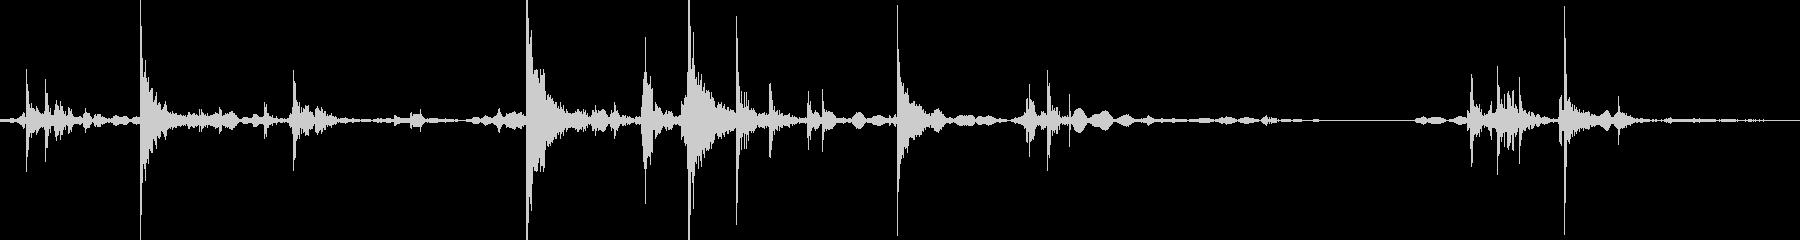 ケースやカバンを閉める効果音 01の未再生の波形